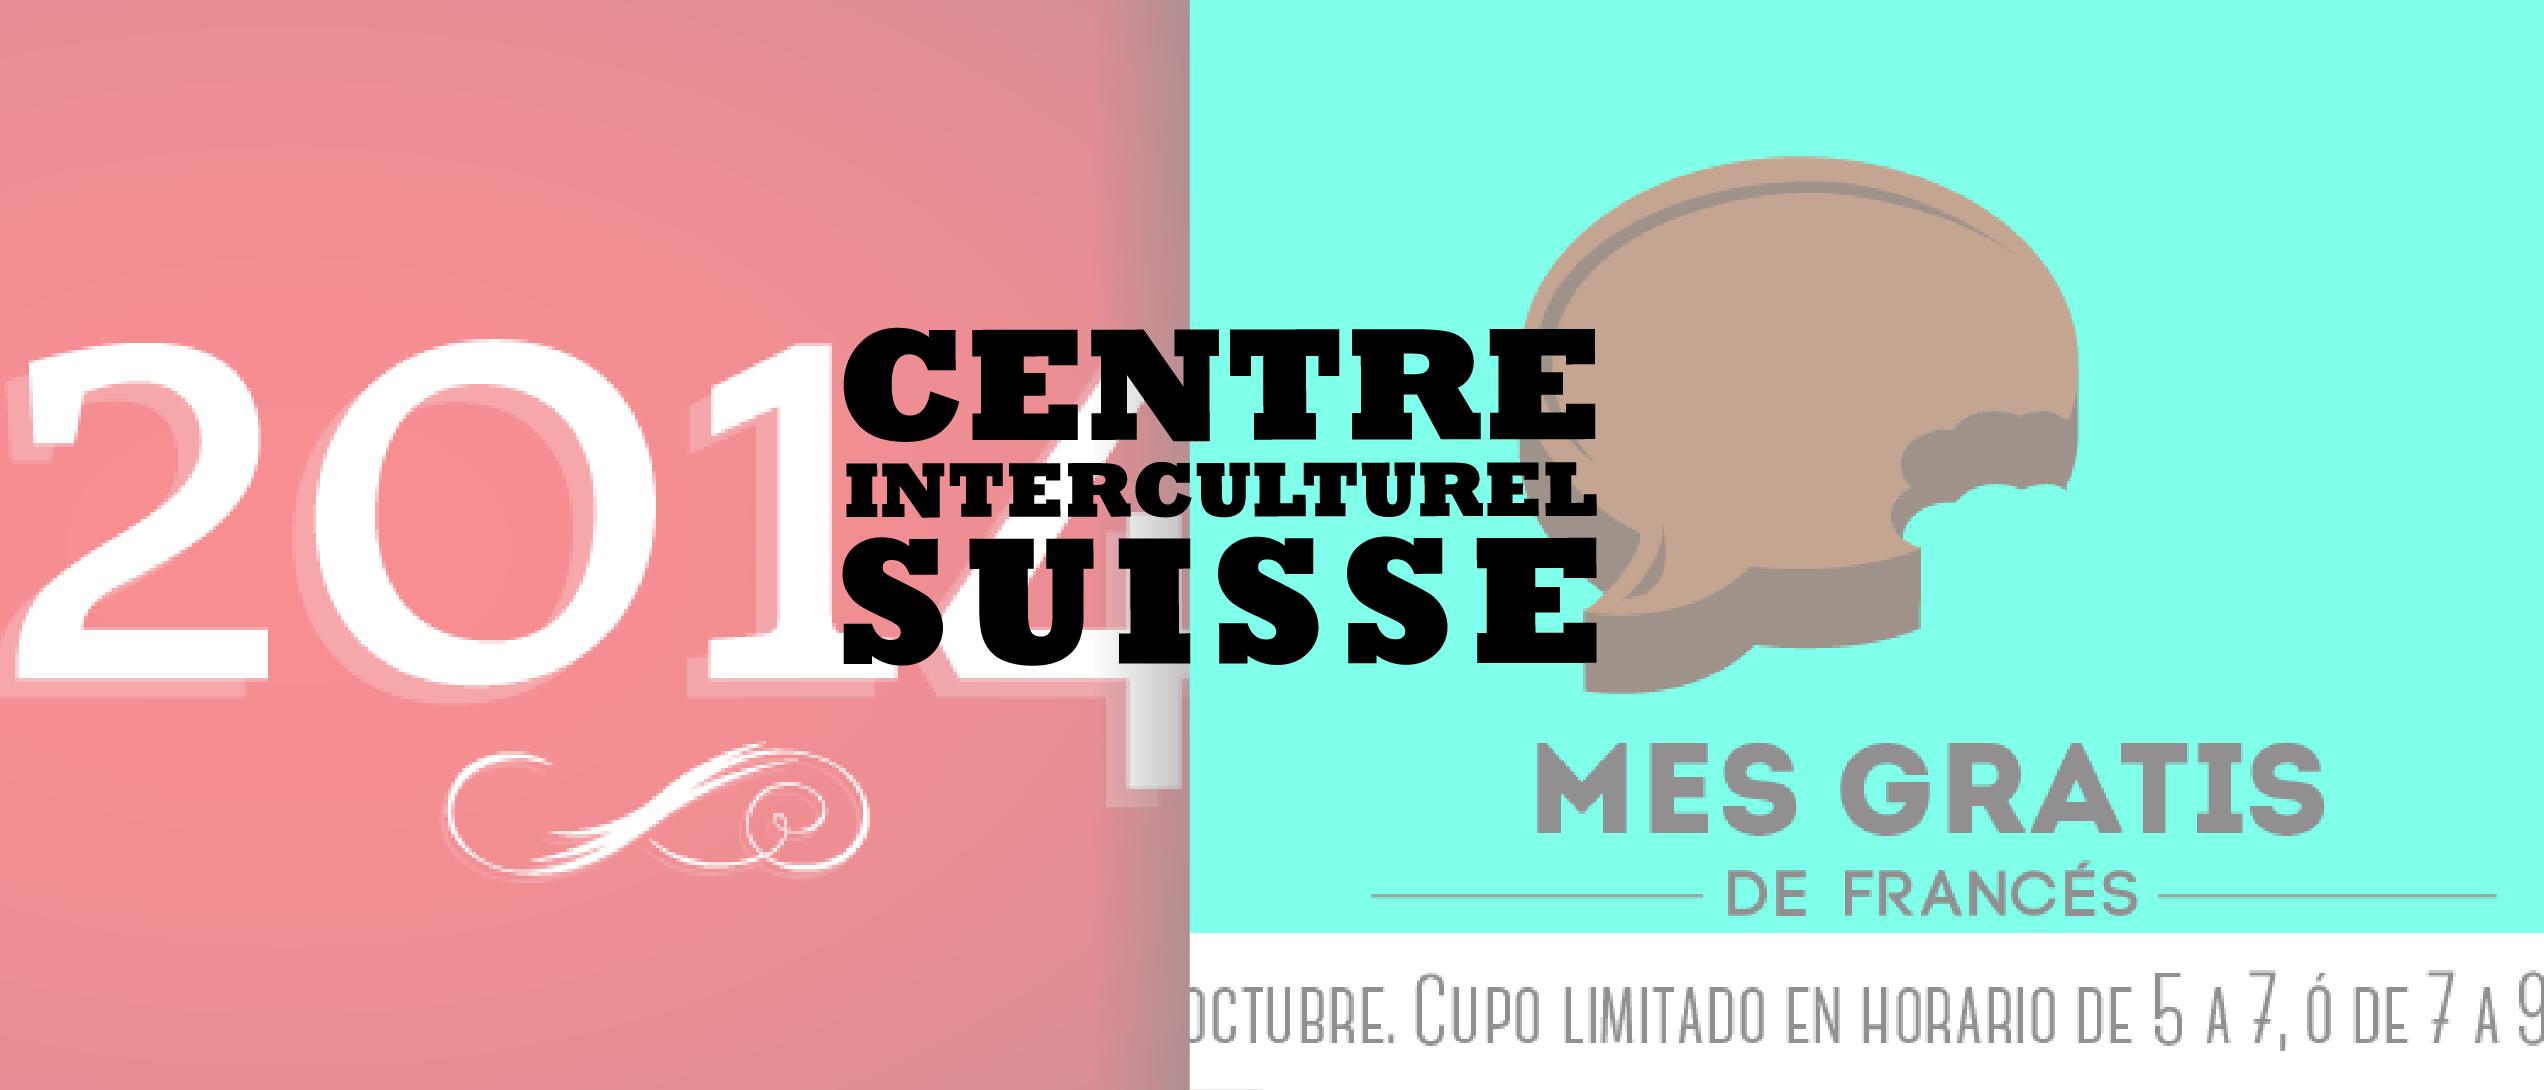 Escuela centre interculturel suisse